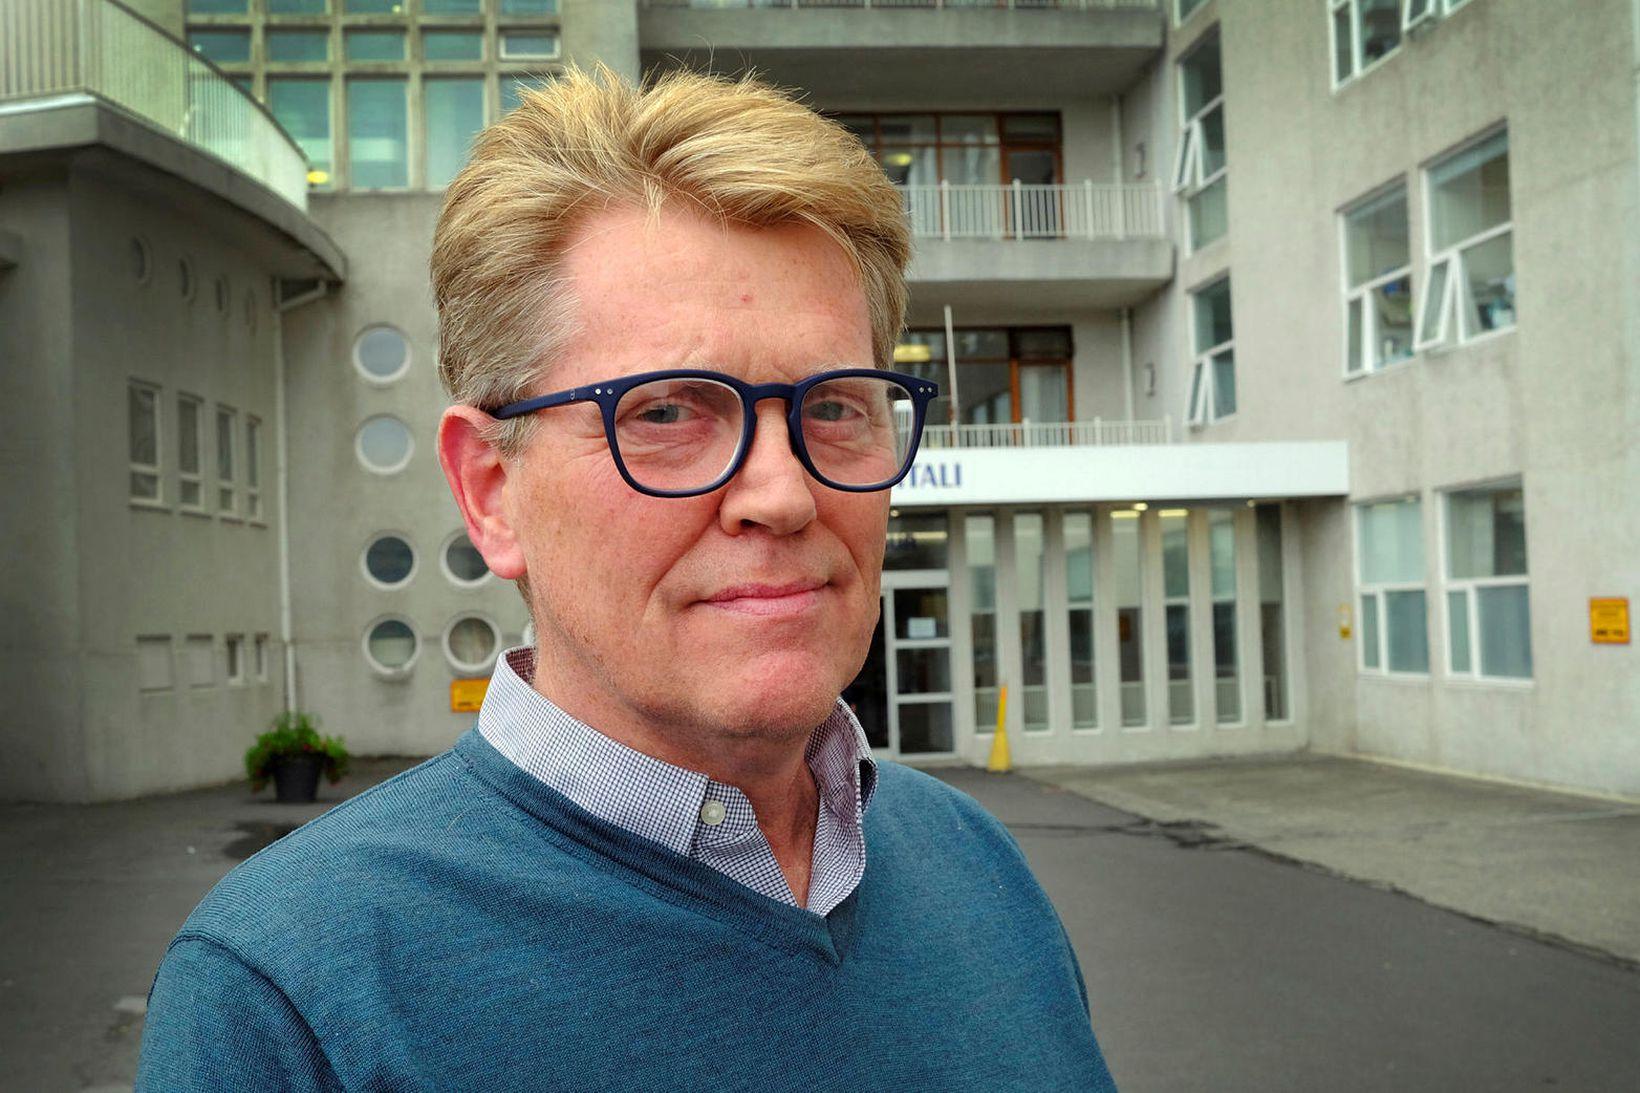 Már Kristjánsson, formaður farsóttarnefndar Landspítalans og yfirlæknir smitsjúkdómadeildar.